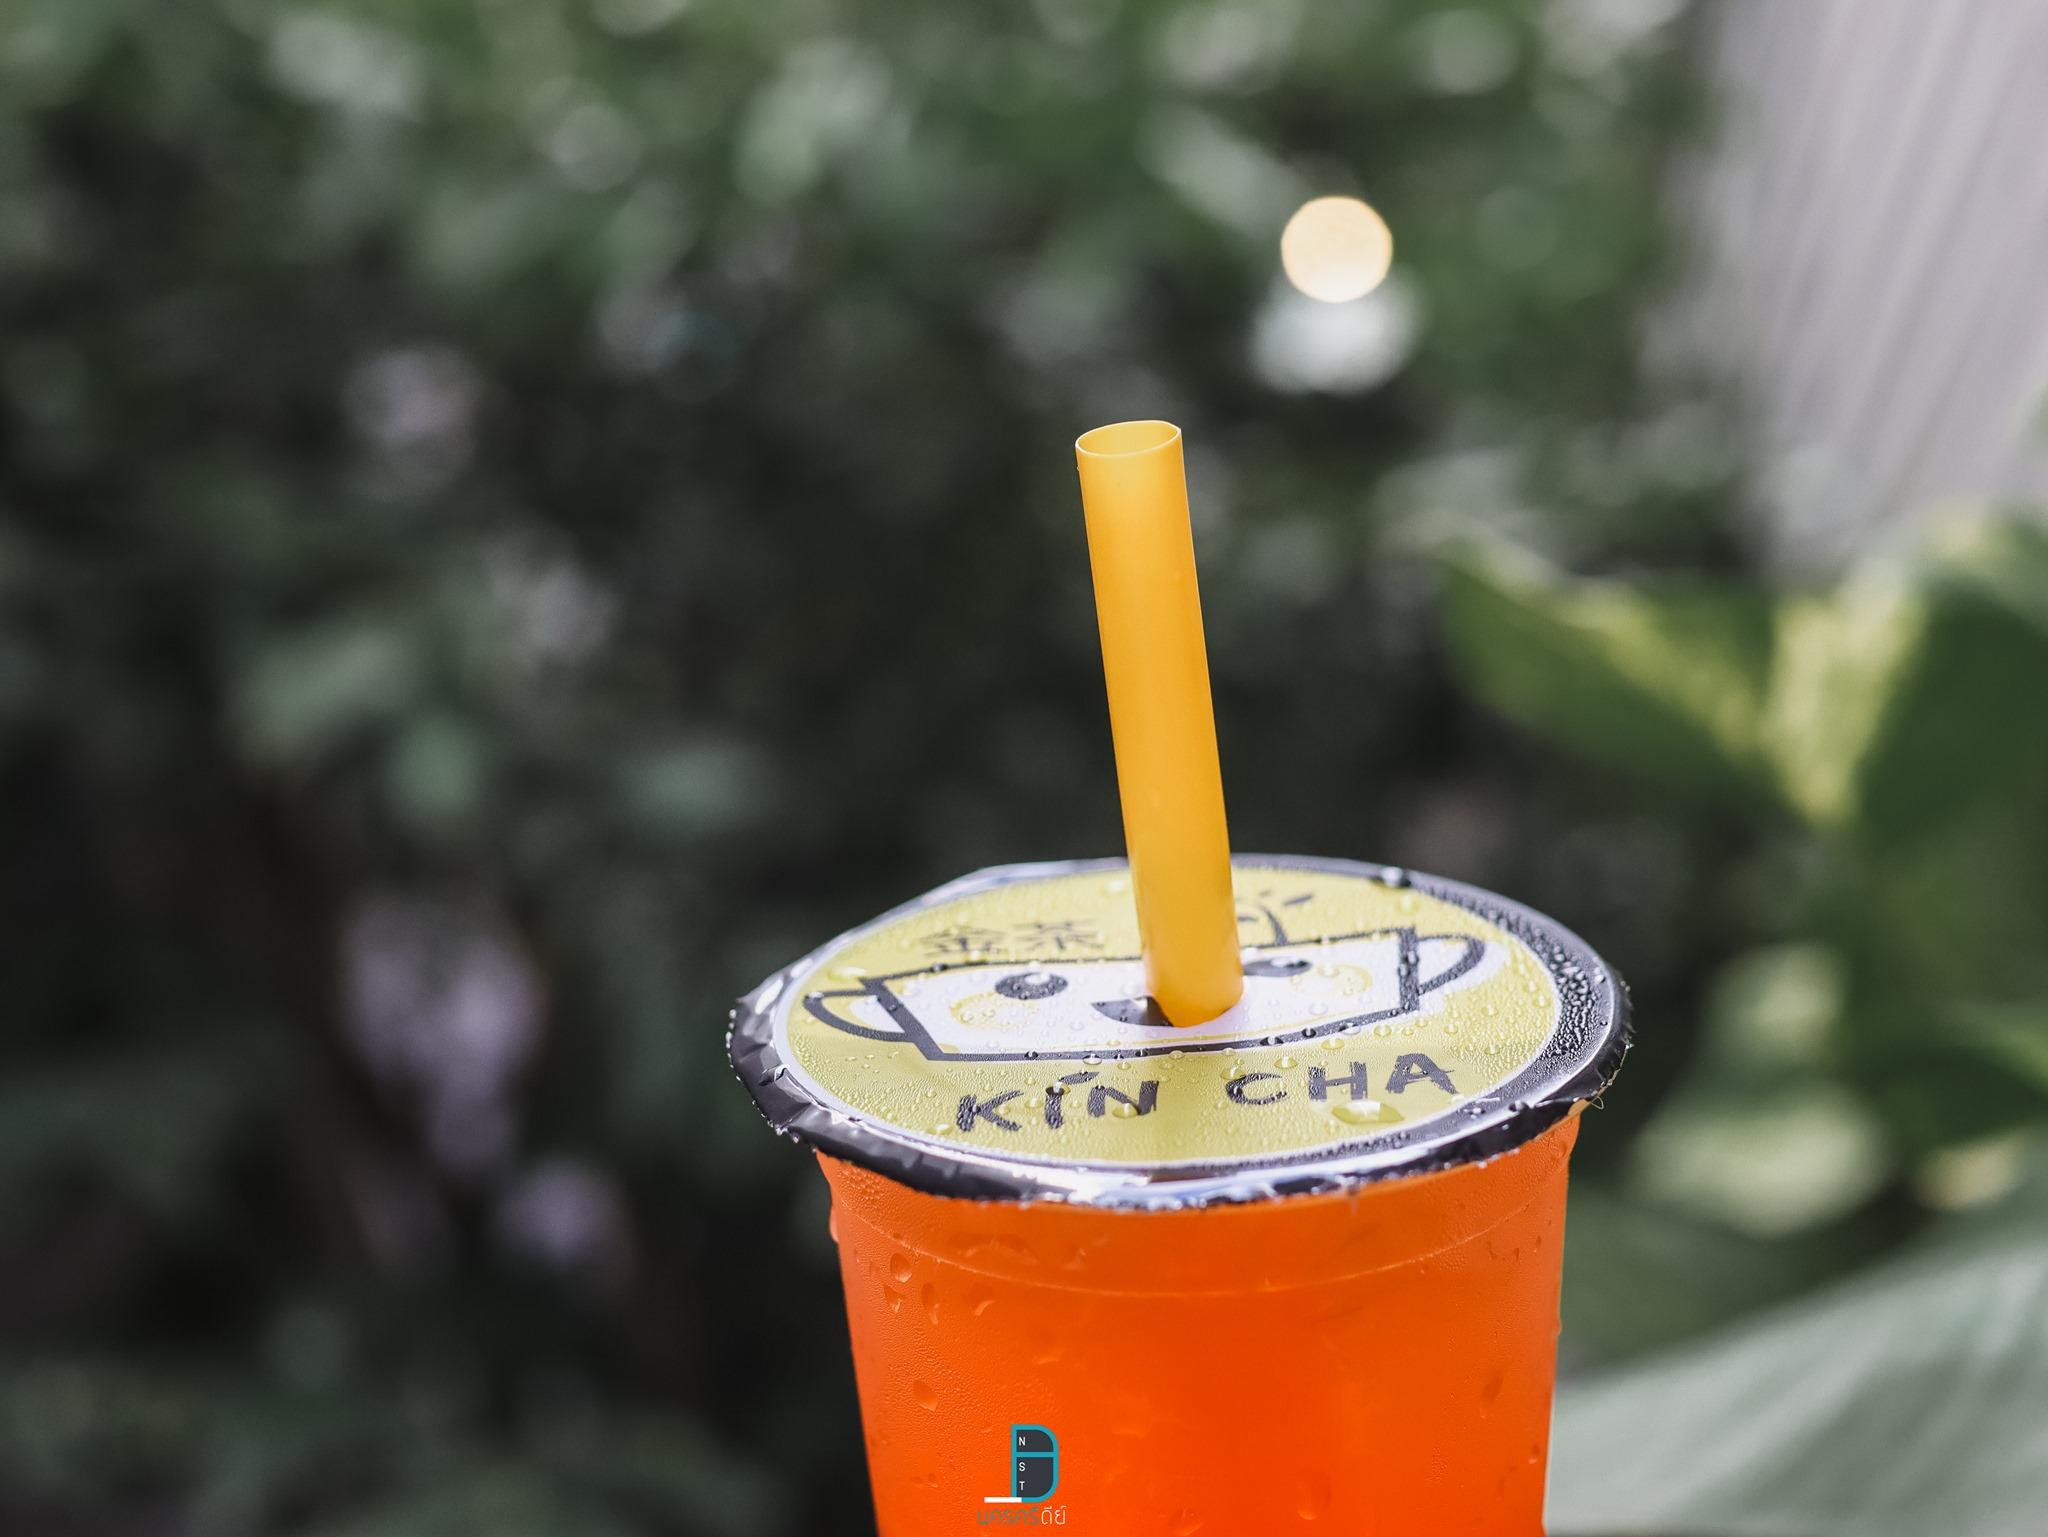 Kincha ชาไข่มุกทีเด็ดแห่งนครศรี เจ้าแรกๆ เปิดมากว่า 5 ปี นครศรีดีย์